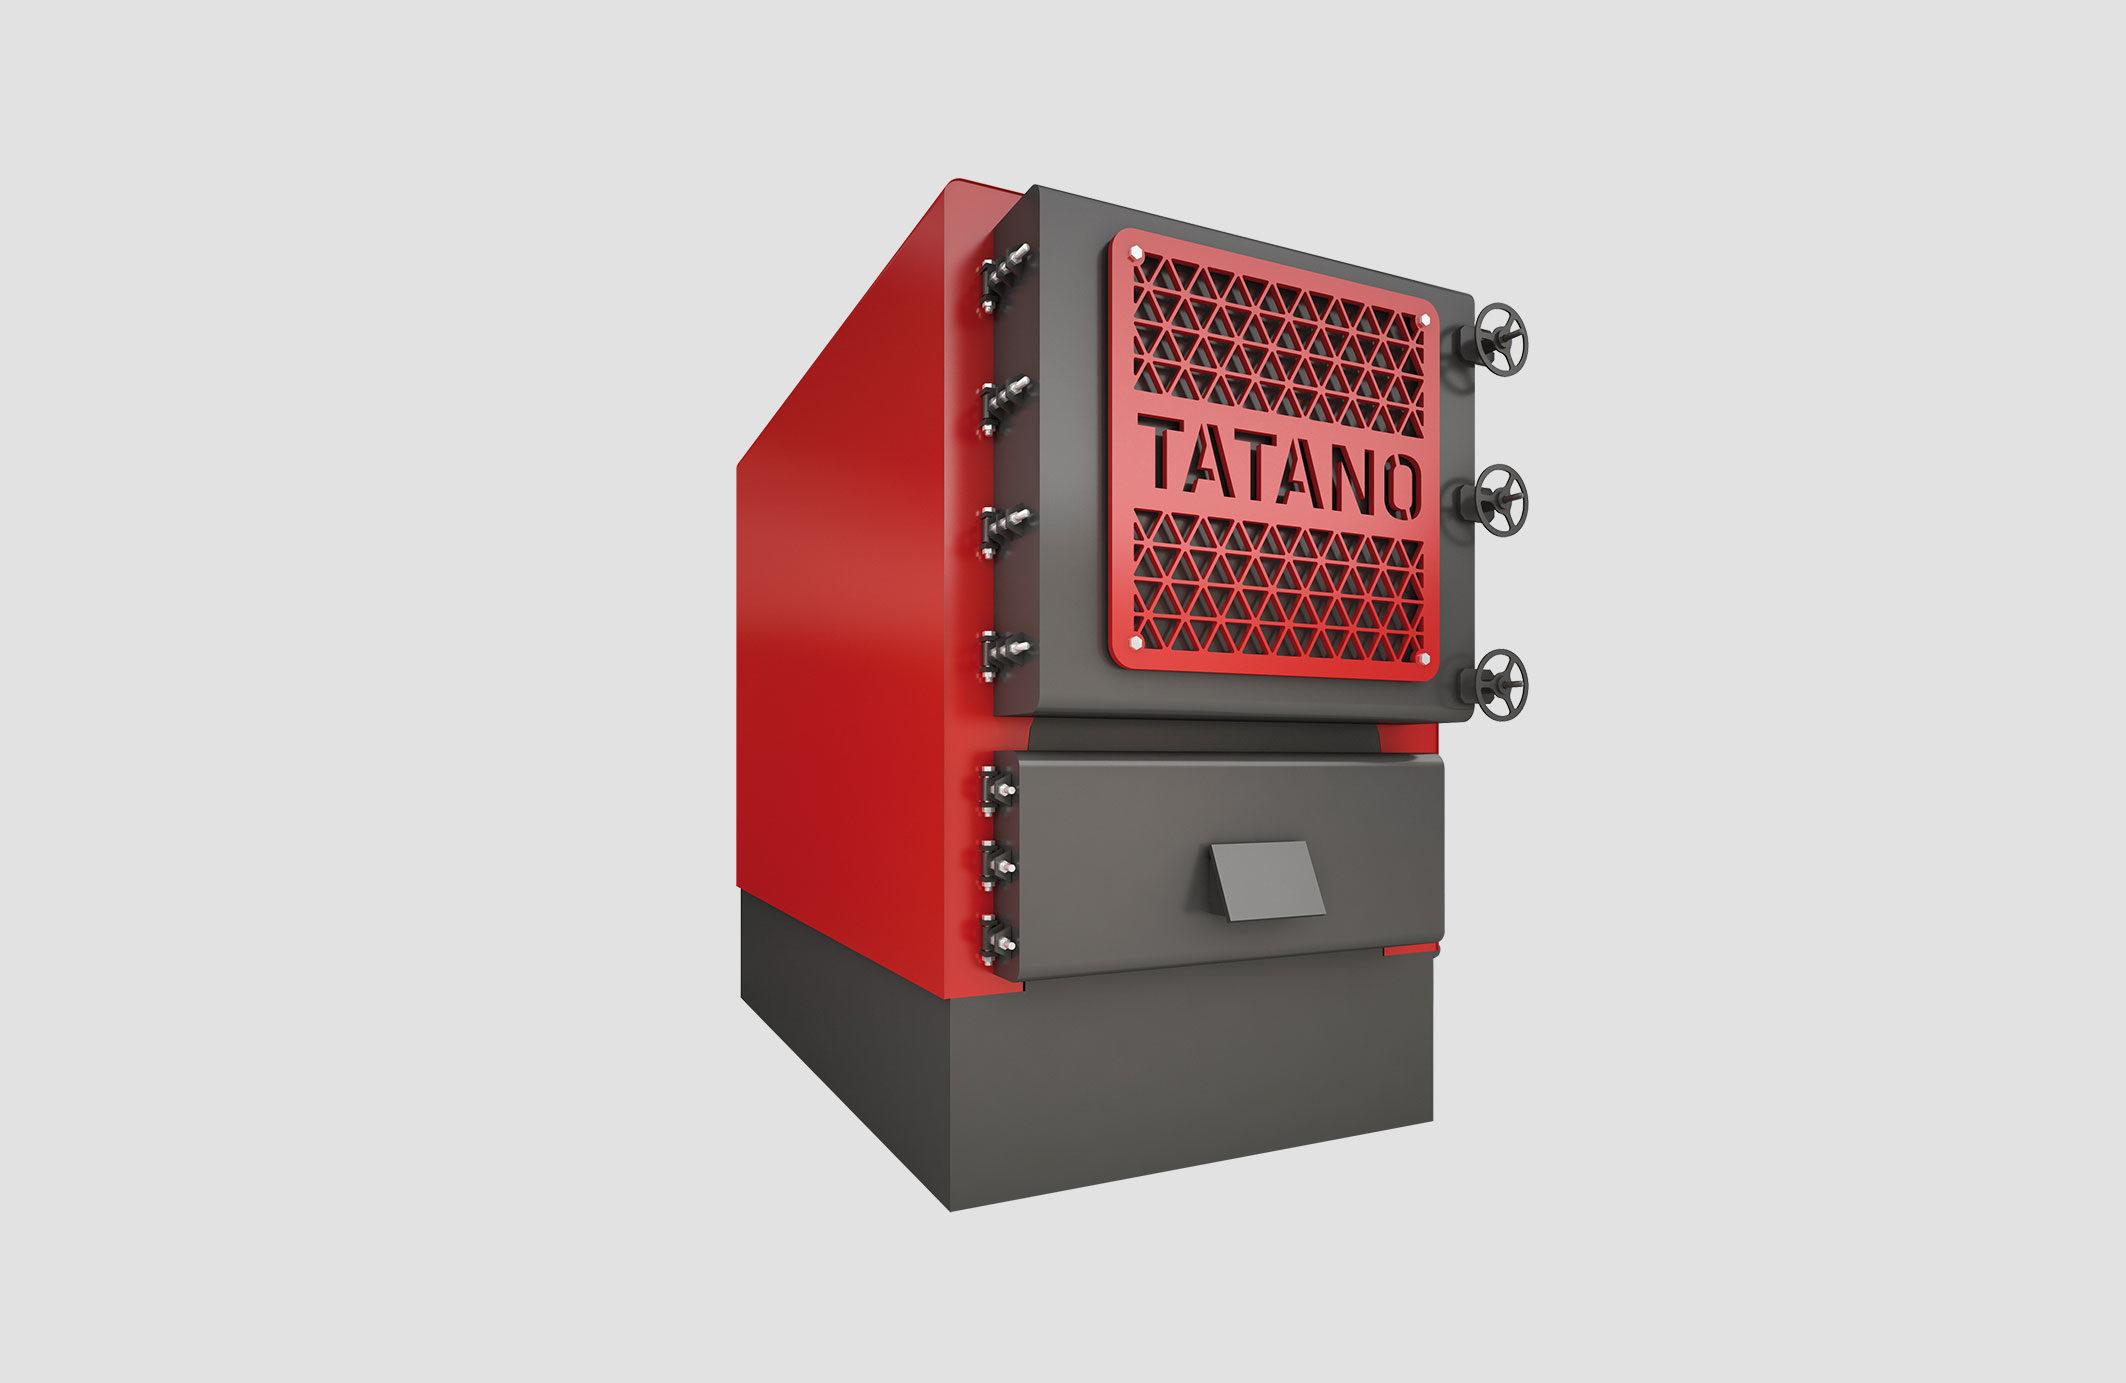 TATANO_ATELIER790_kalorina